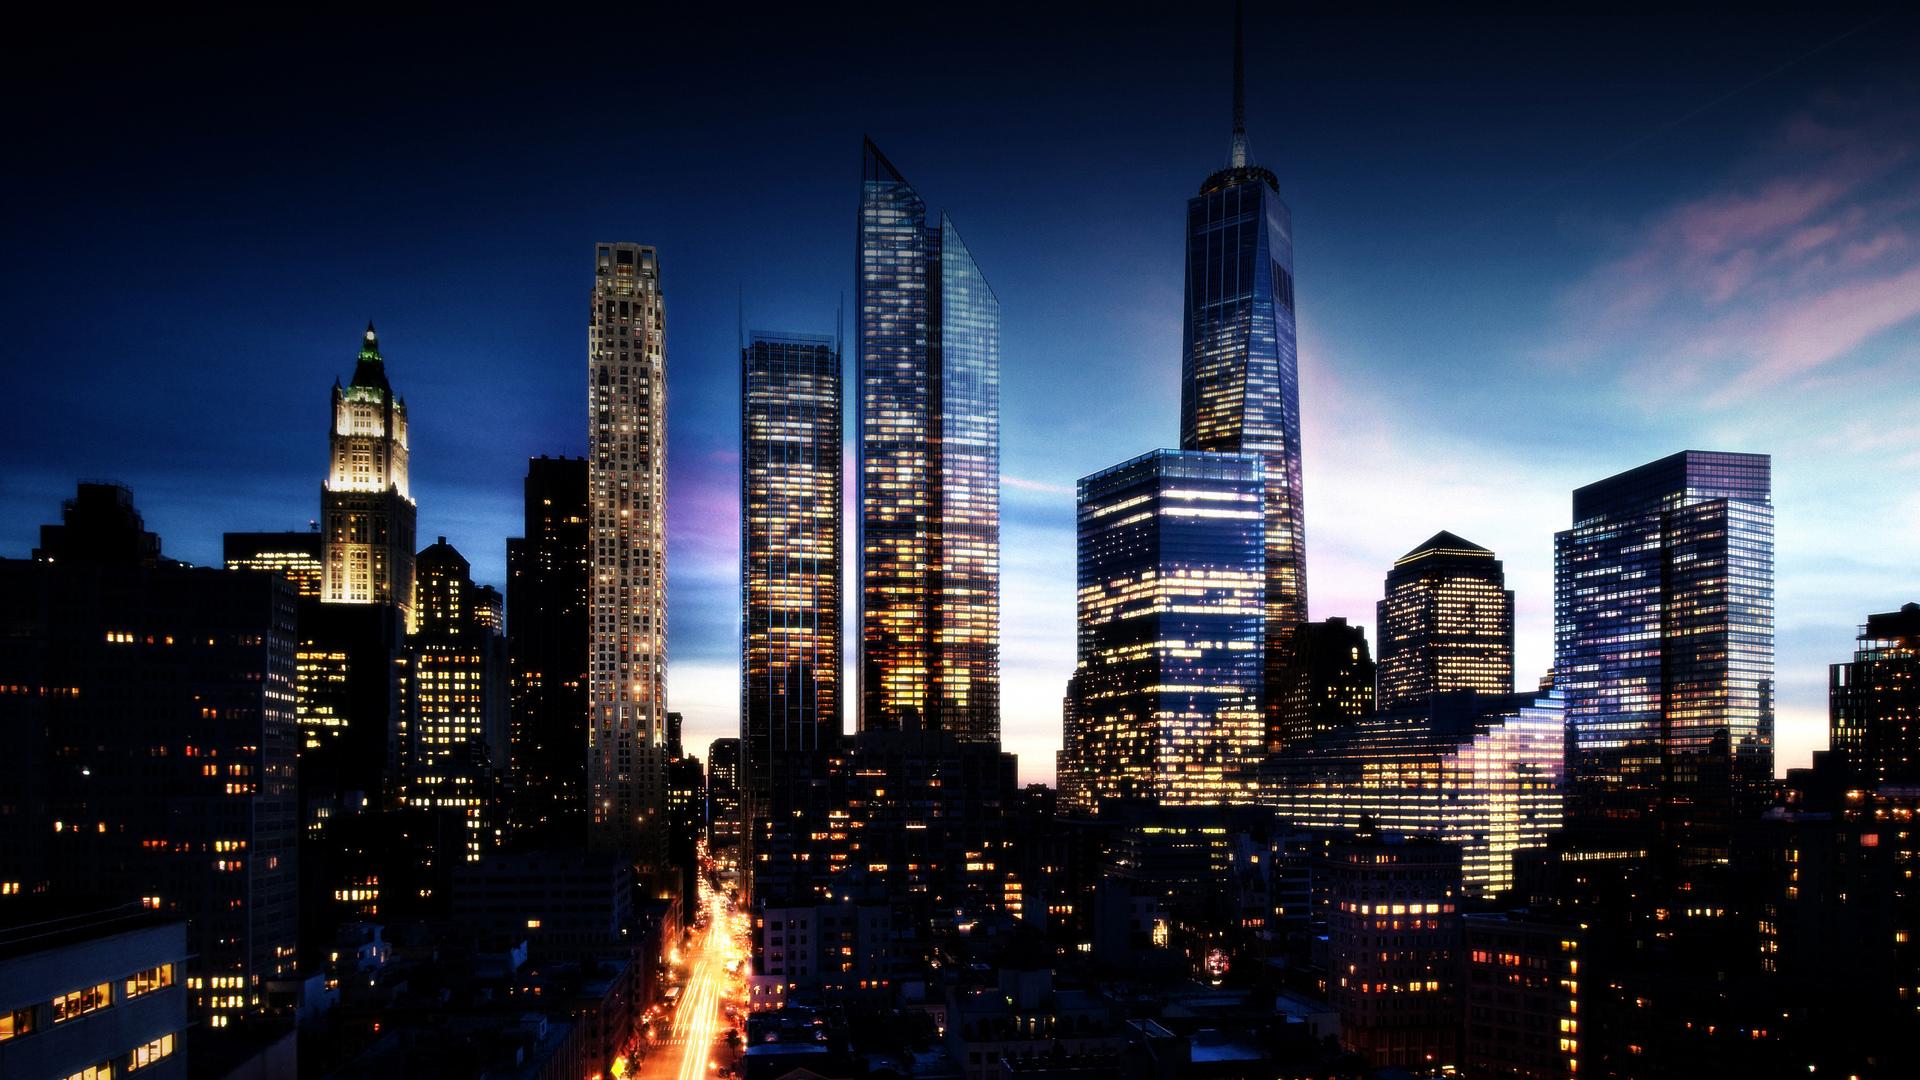 ночной город огни небо подборки